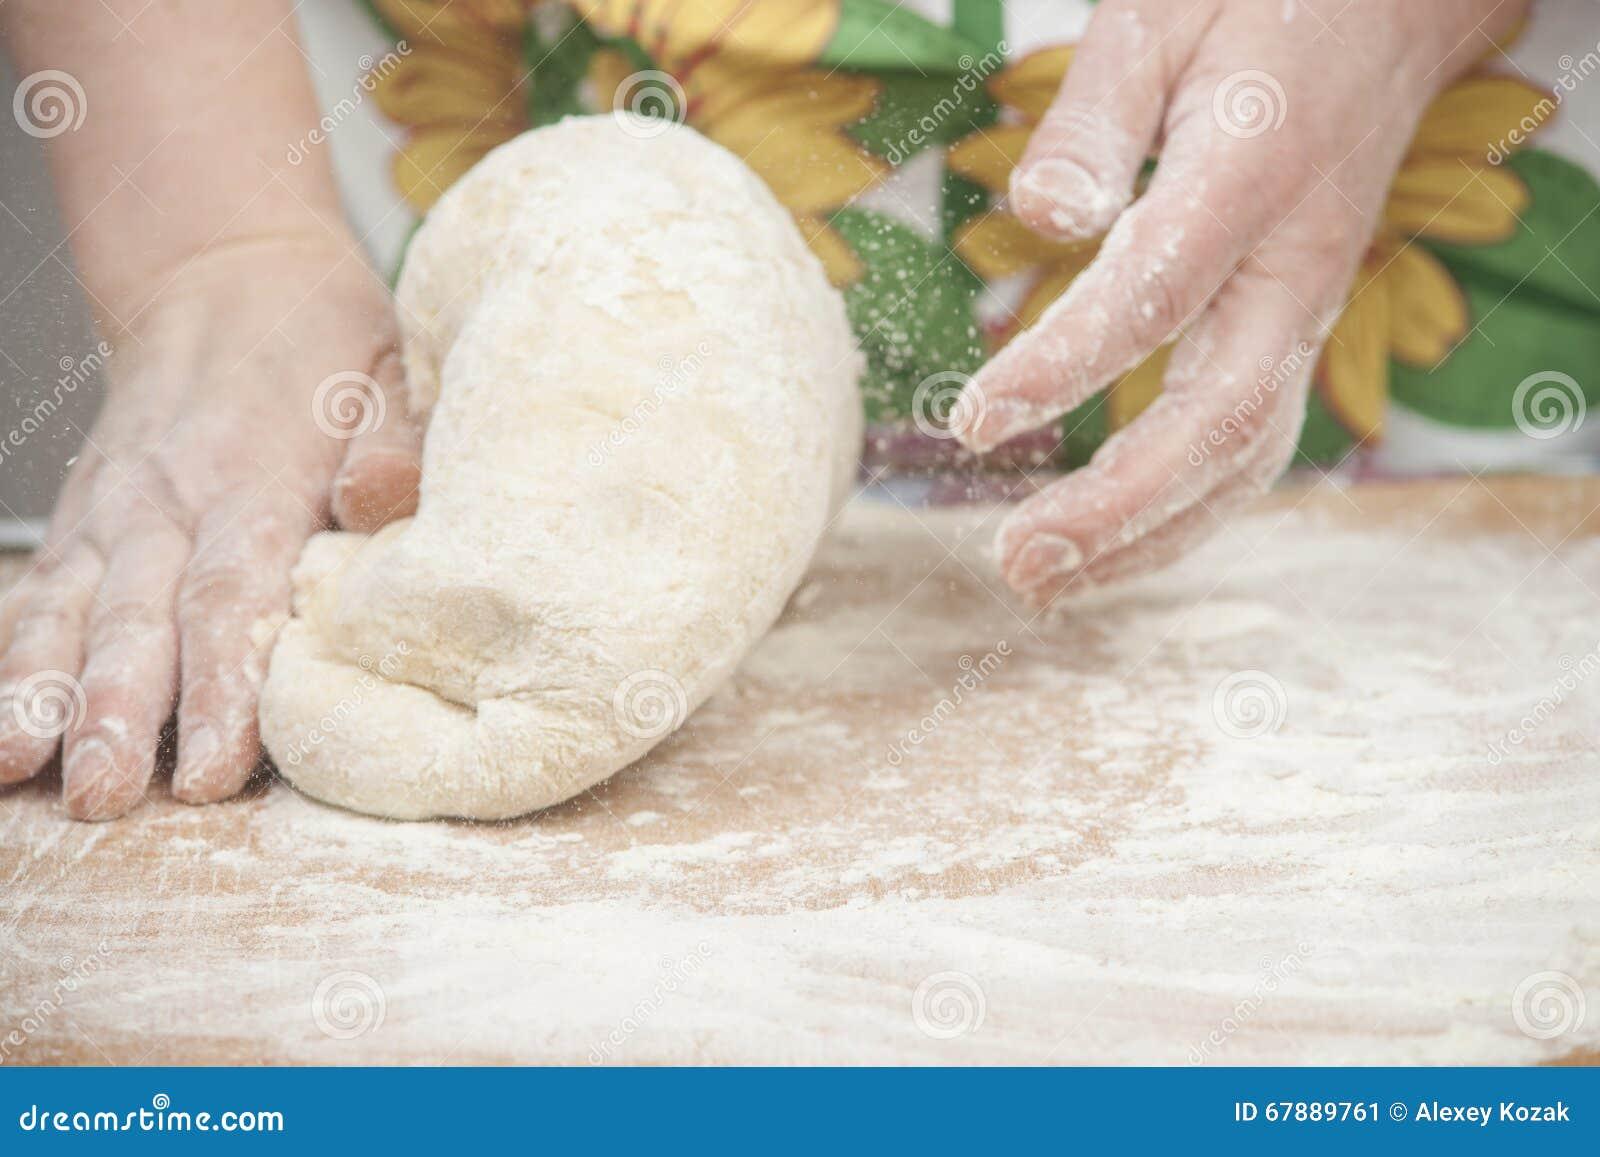 准备新鲜的发酵面团的妇女的手